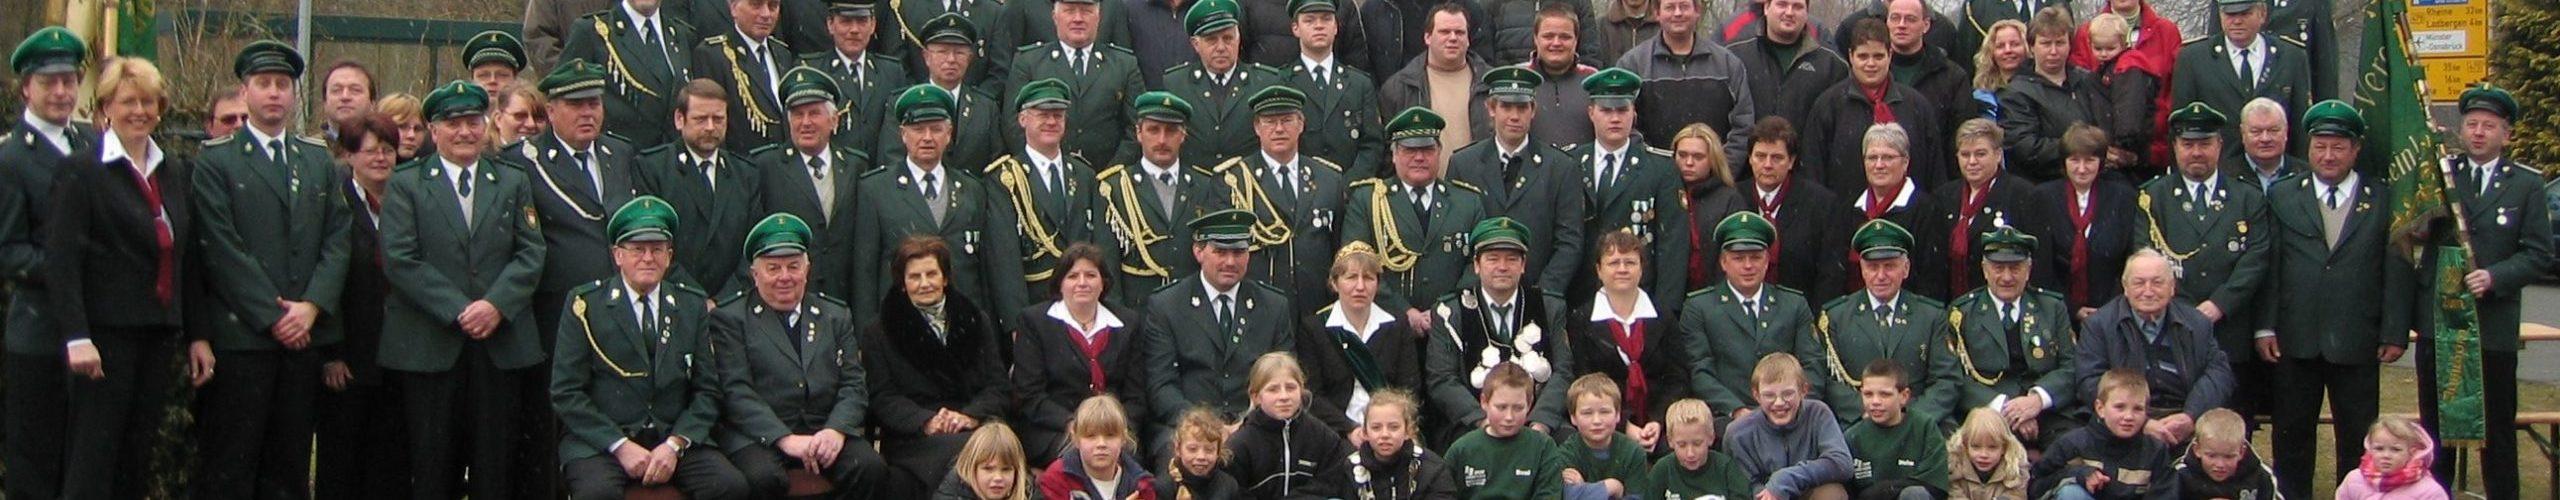 Schützenverein Ladbergen-Hölter e.V.